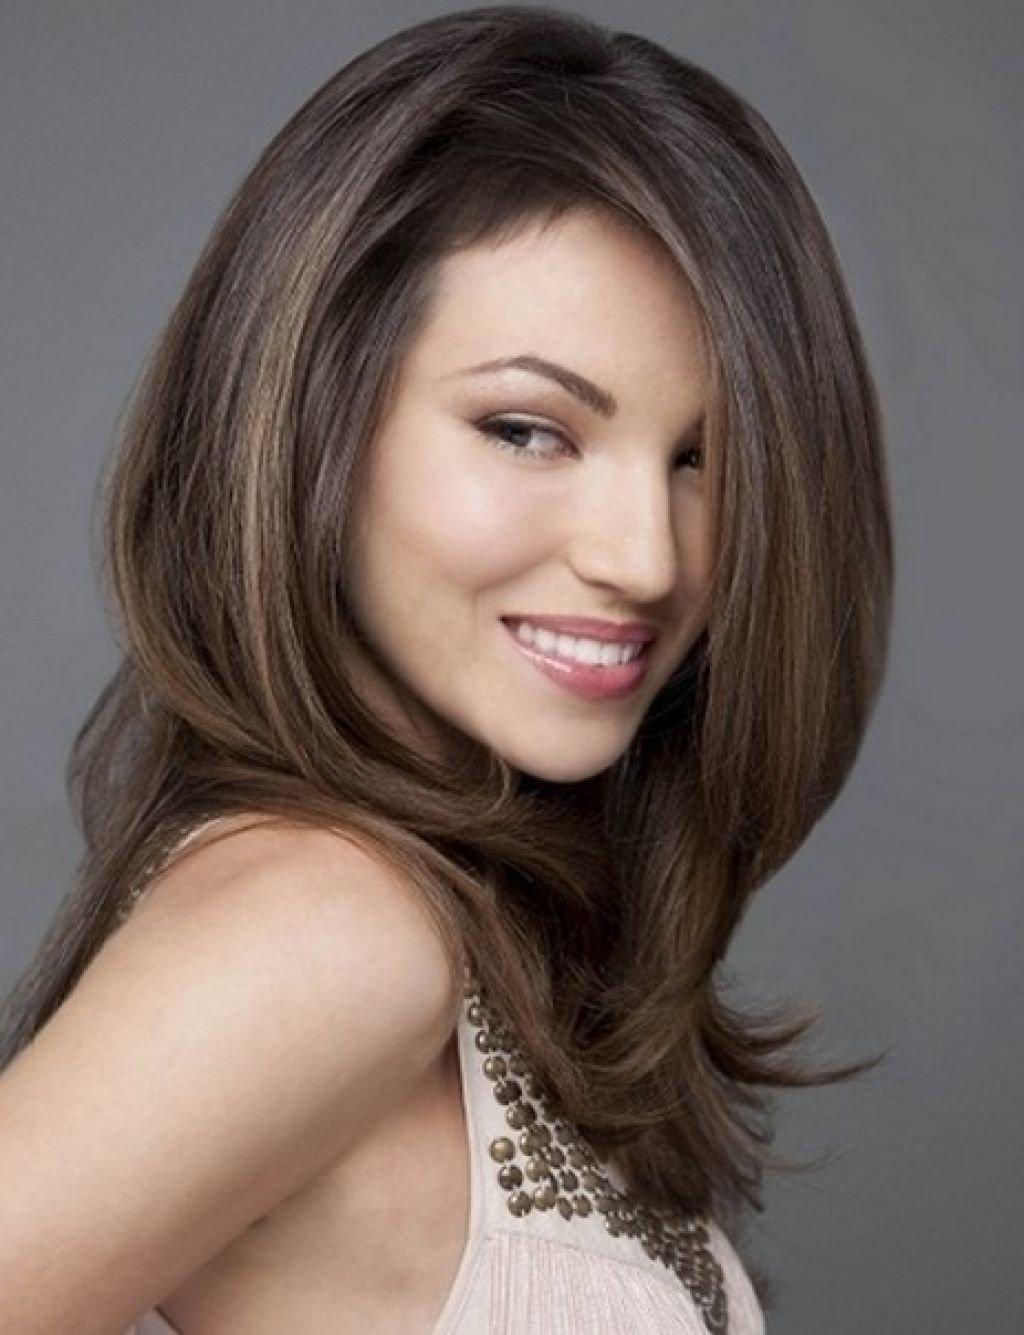 Каскад на средние волосы без челки — 7 красивых вариантов женской стрижки на прямые и волнистые волосы, фото